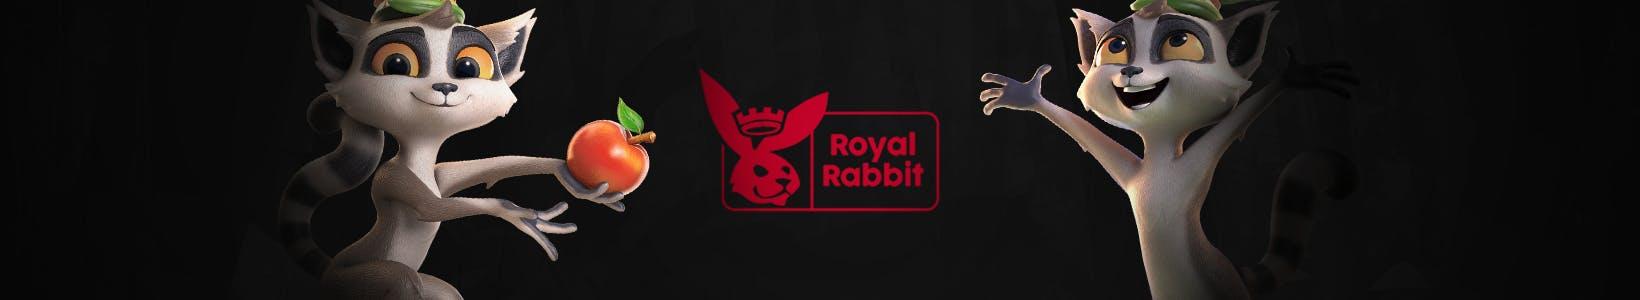 royal rabbit casino banniere promotionnelle originale